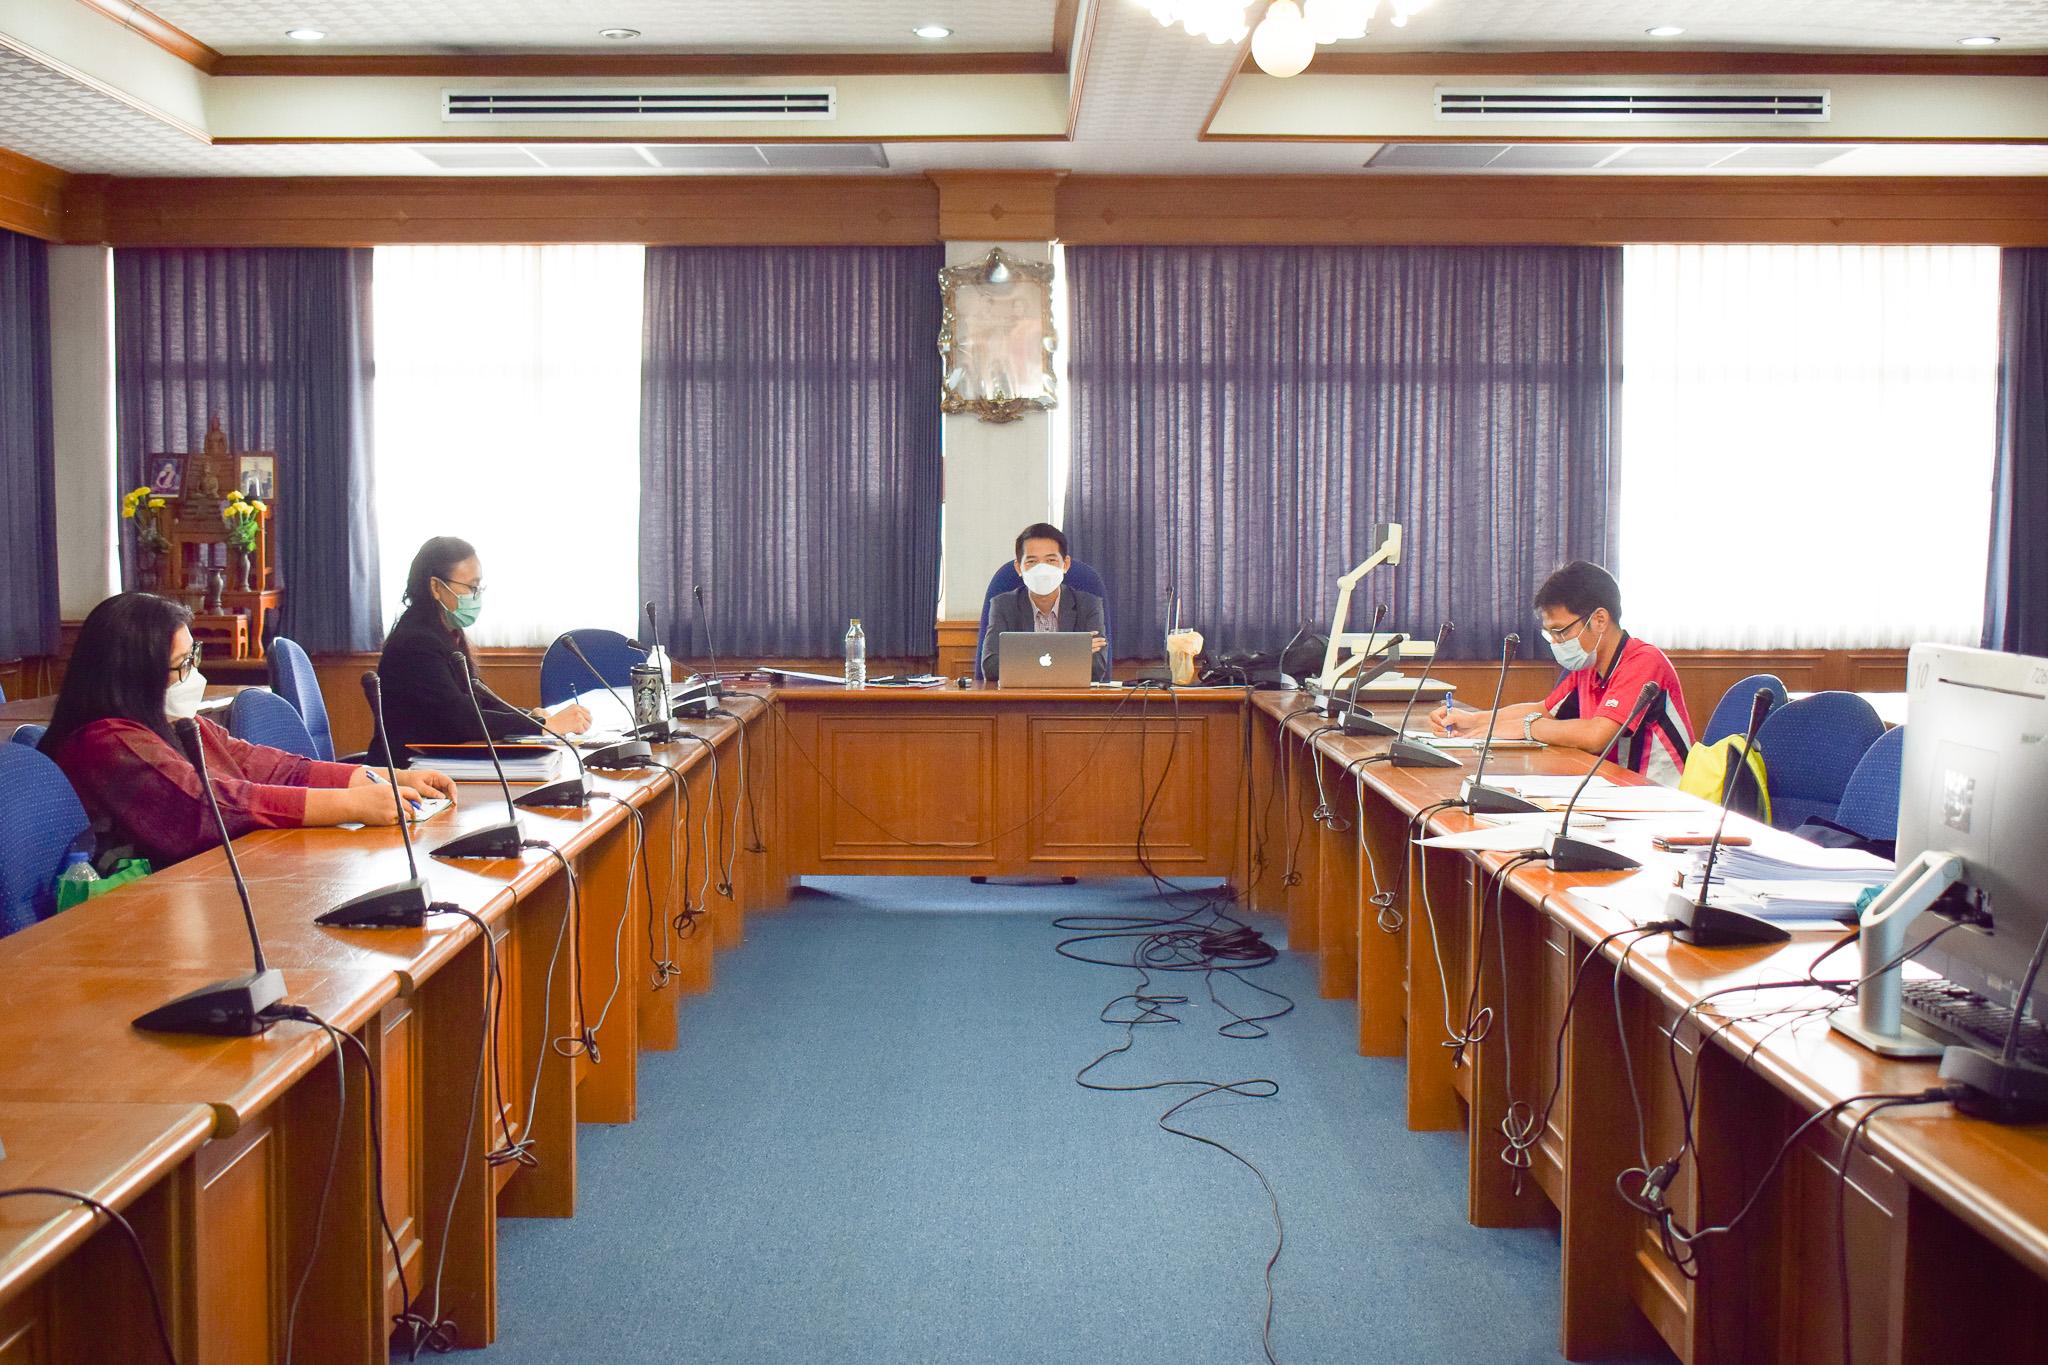 การประชุมคณะกรรมการประเมินผลปฏิบัติราชการเพื่อเลื่อนเงินเดือนบุคลากรคณะวิทยาการจัดการ